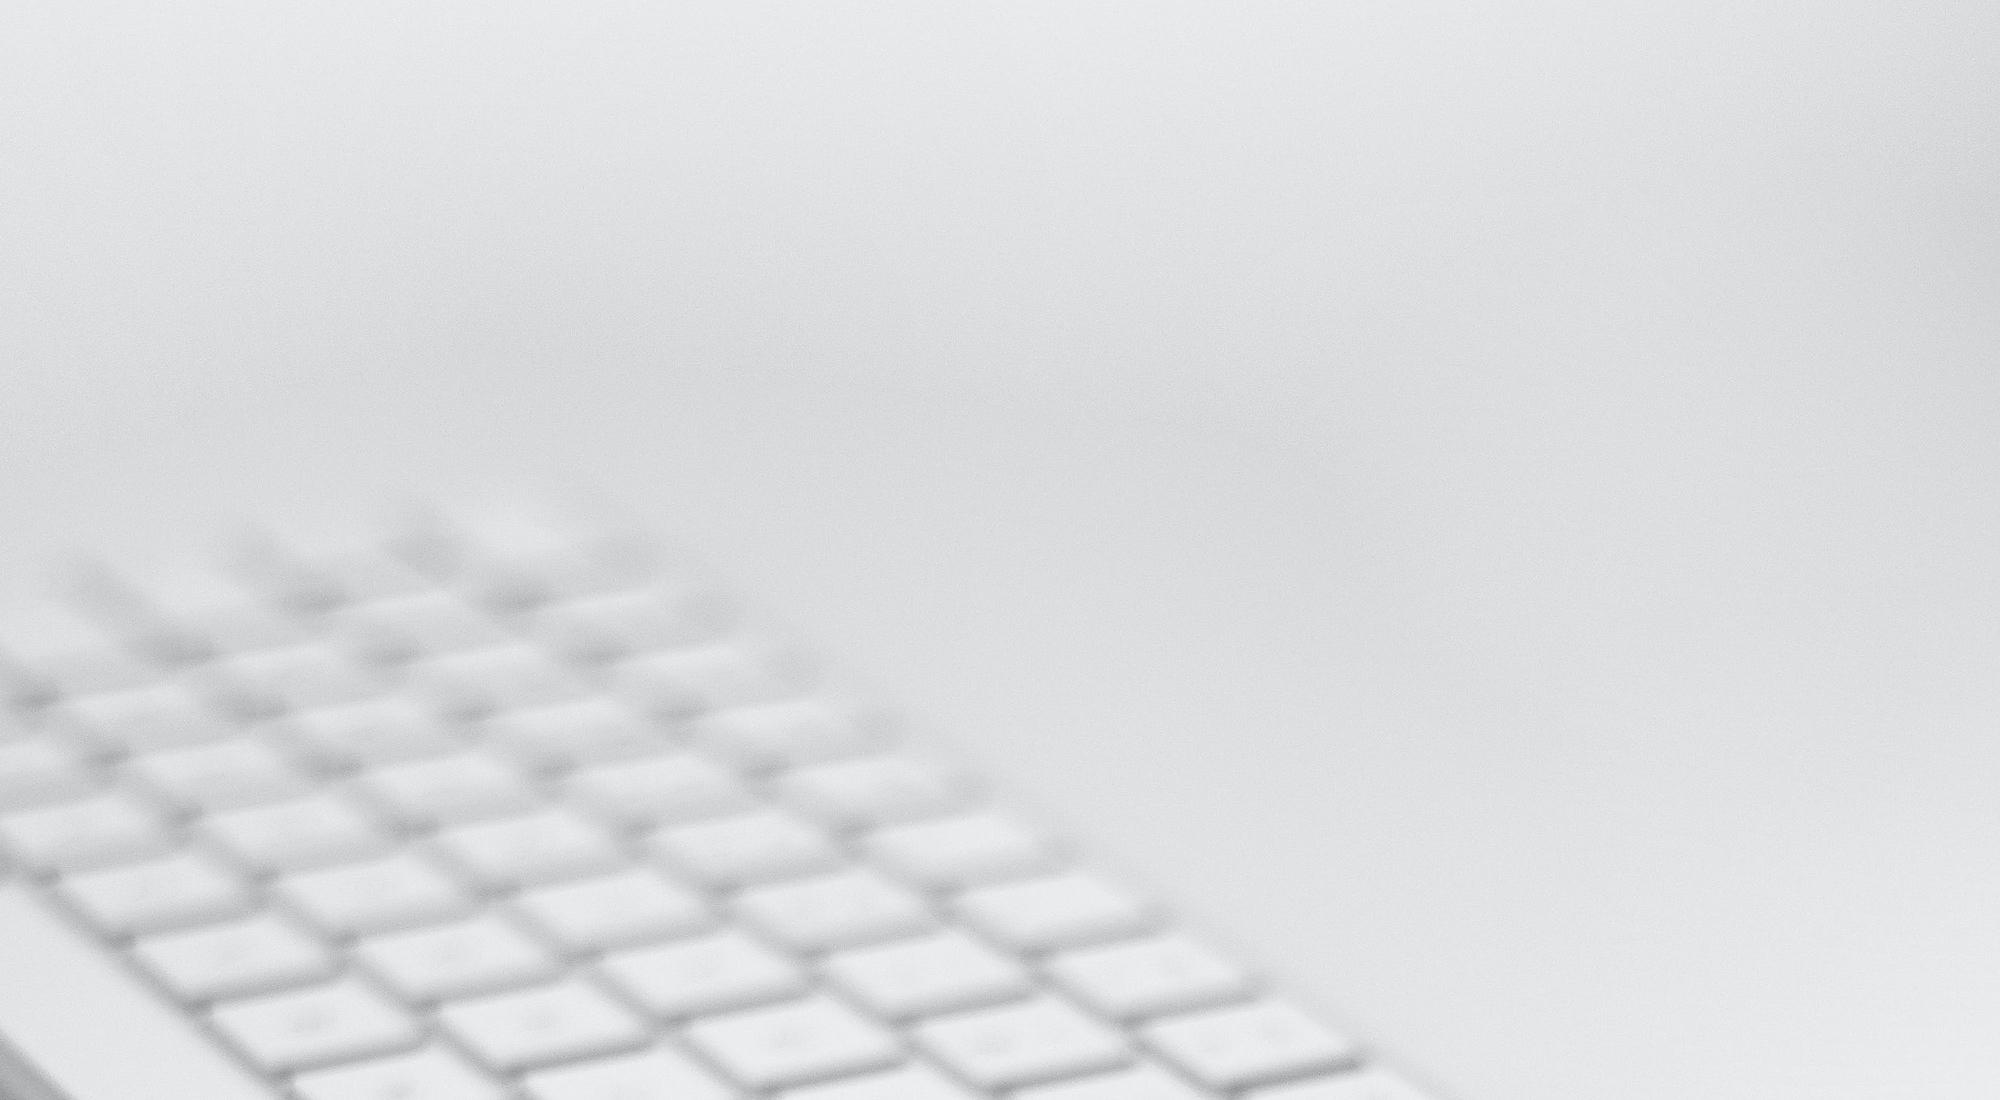 Tastatur Hintergrund